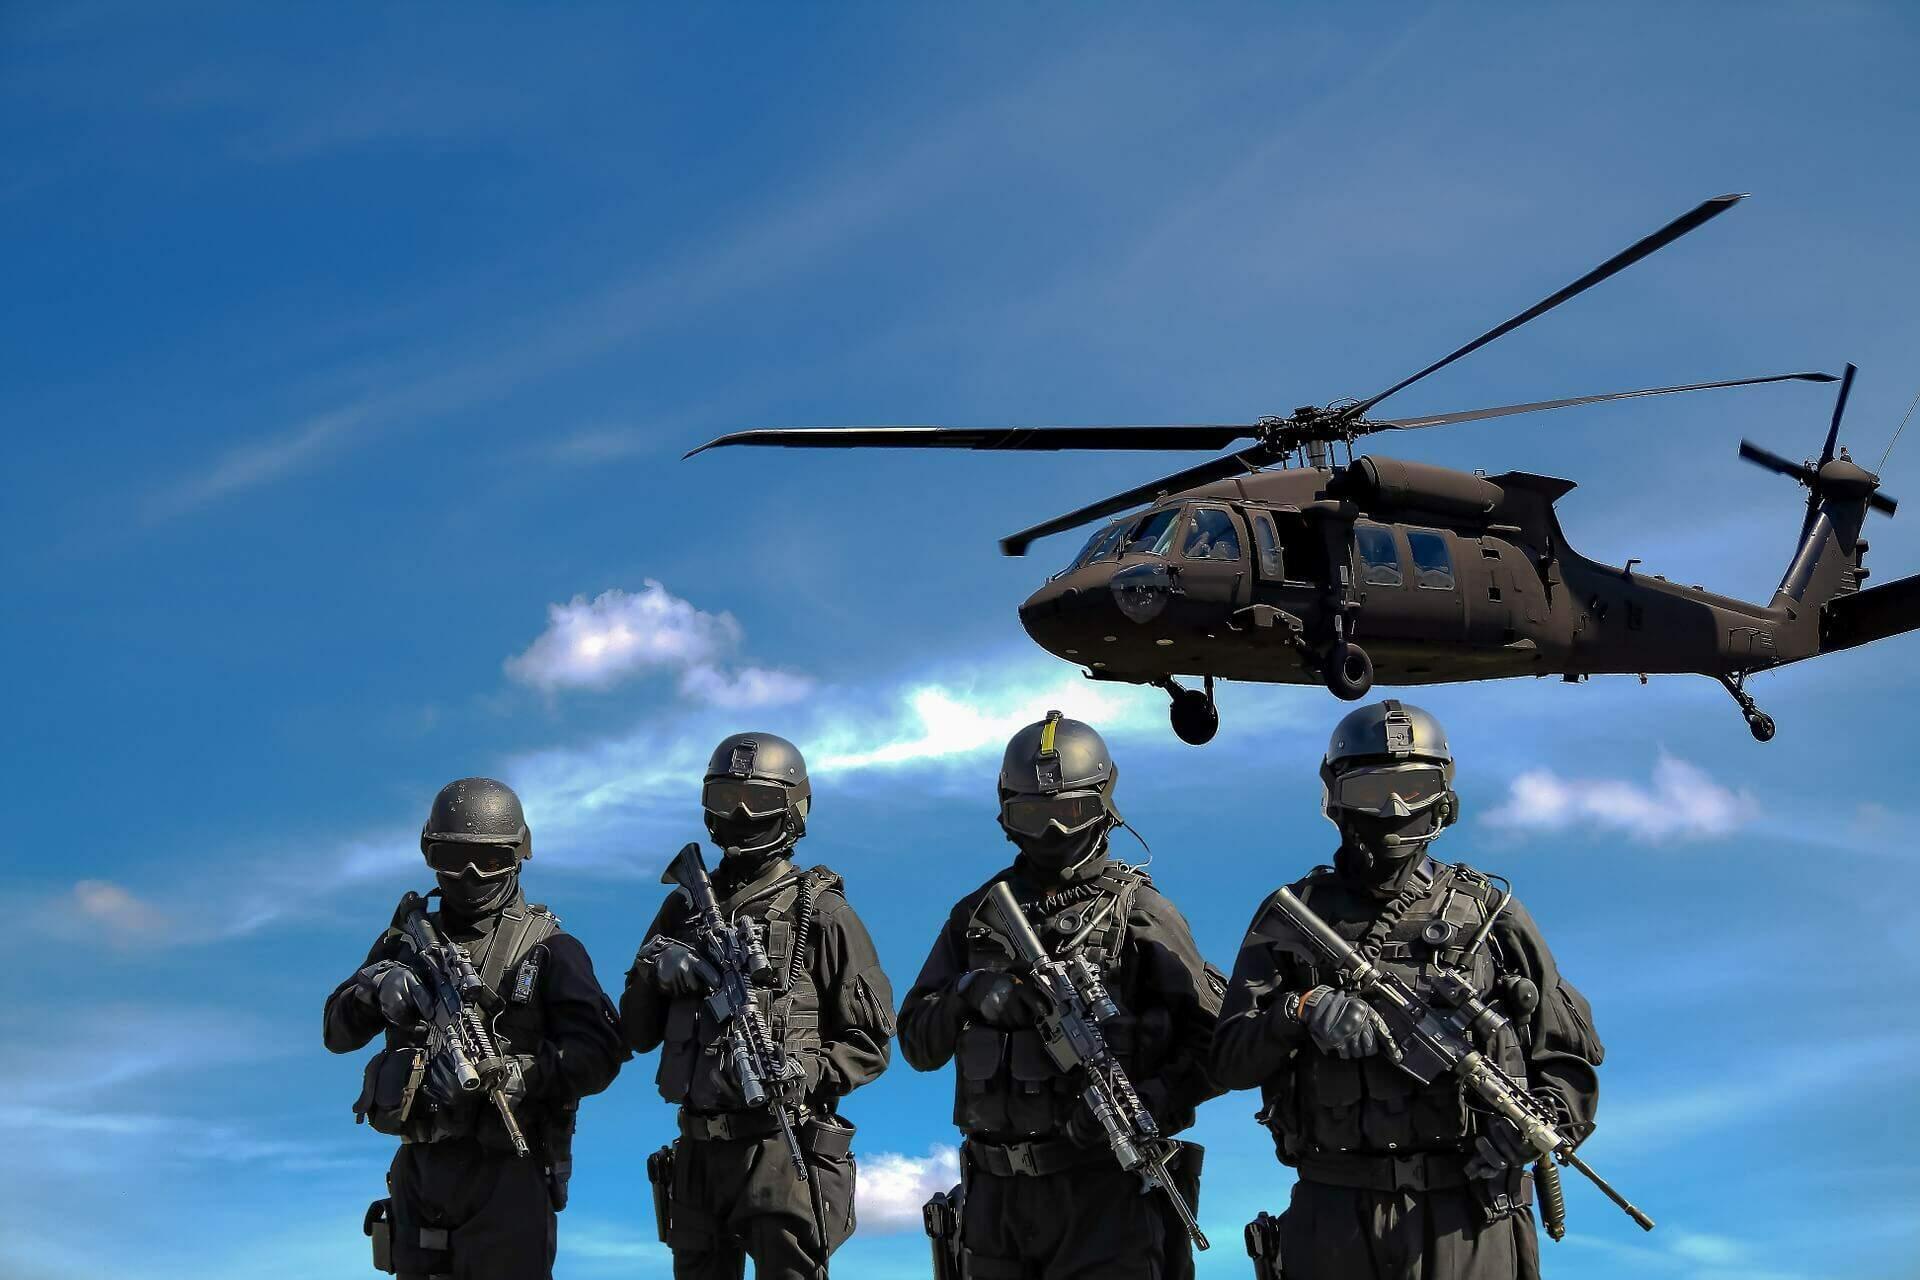 Imagem ilustrativa sobre o tema de intervenção militar internacional. Militares acompanhados de um helicoptero militar (Fonte: Pixabay)